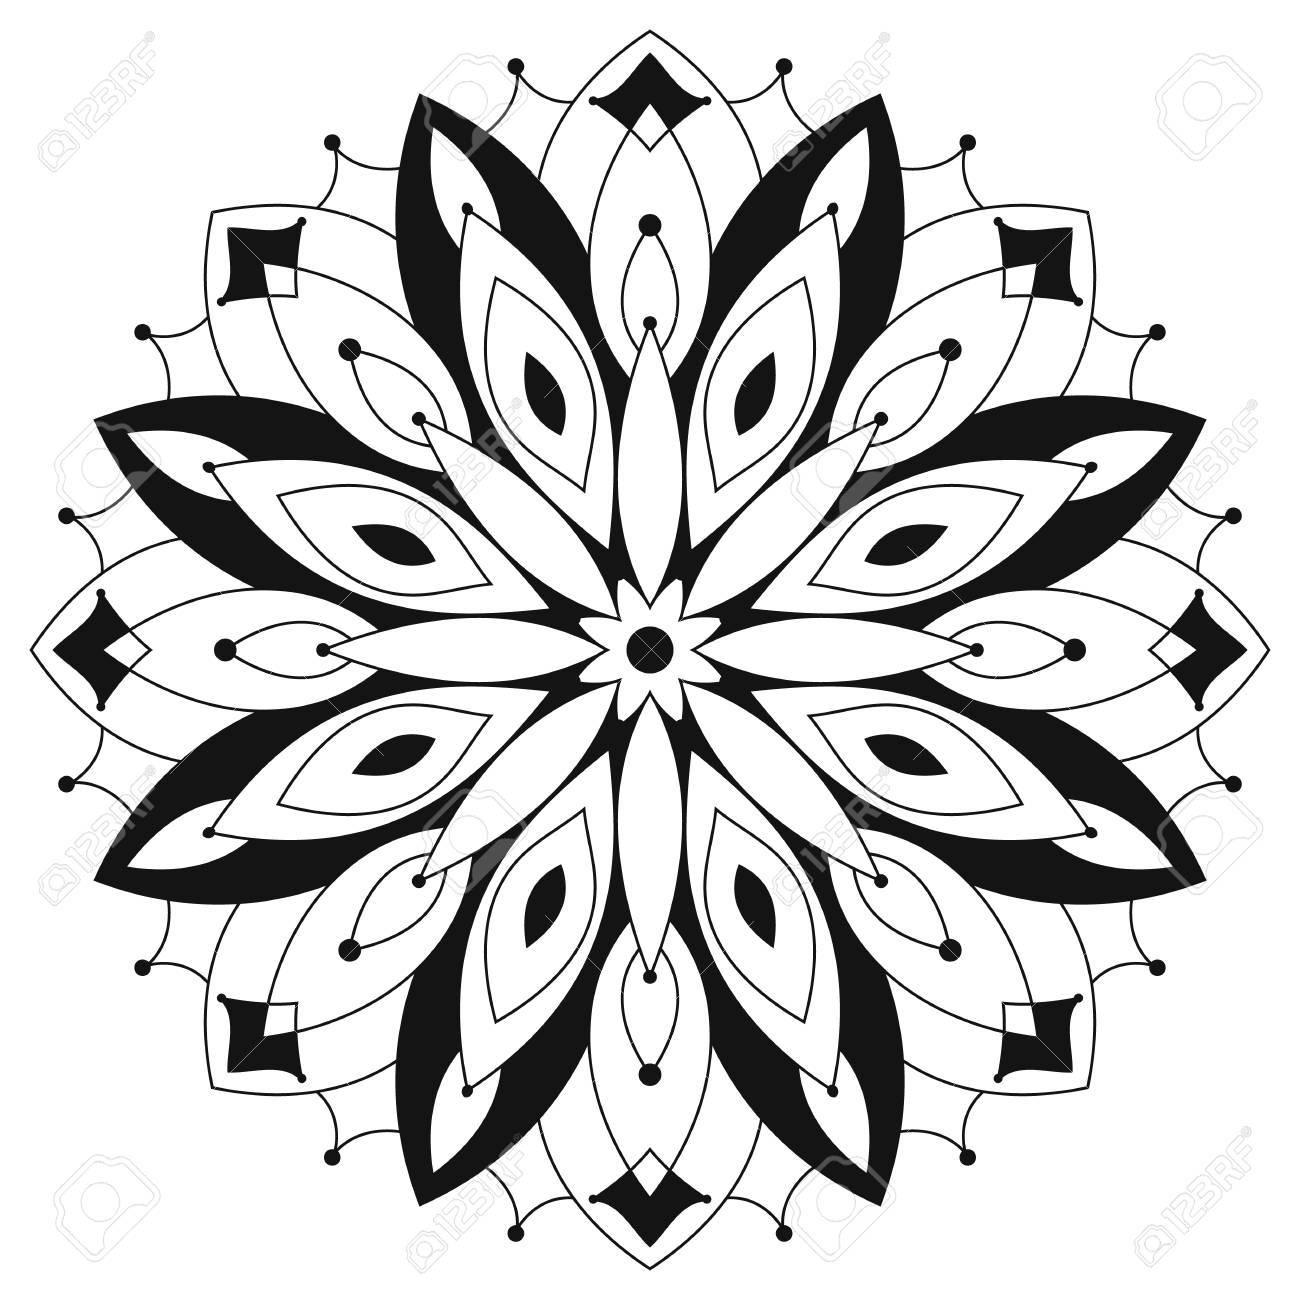 Est Mandala Tour Ethnique. Coloriage Pour Les Adultes. Motif ...